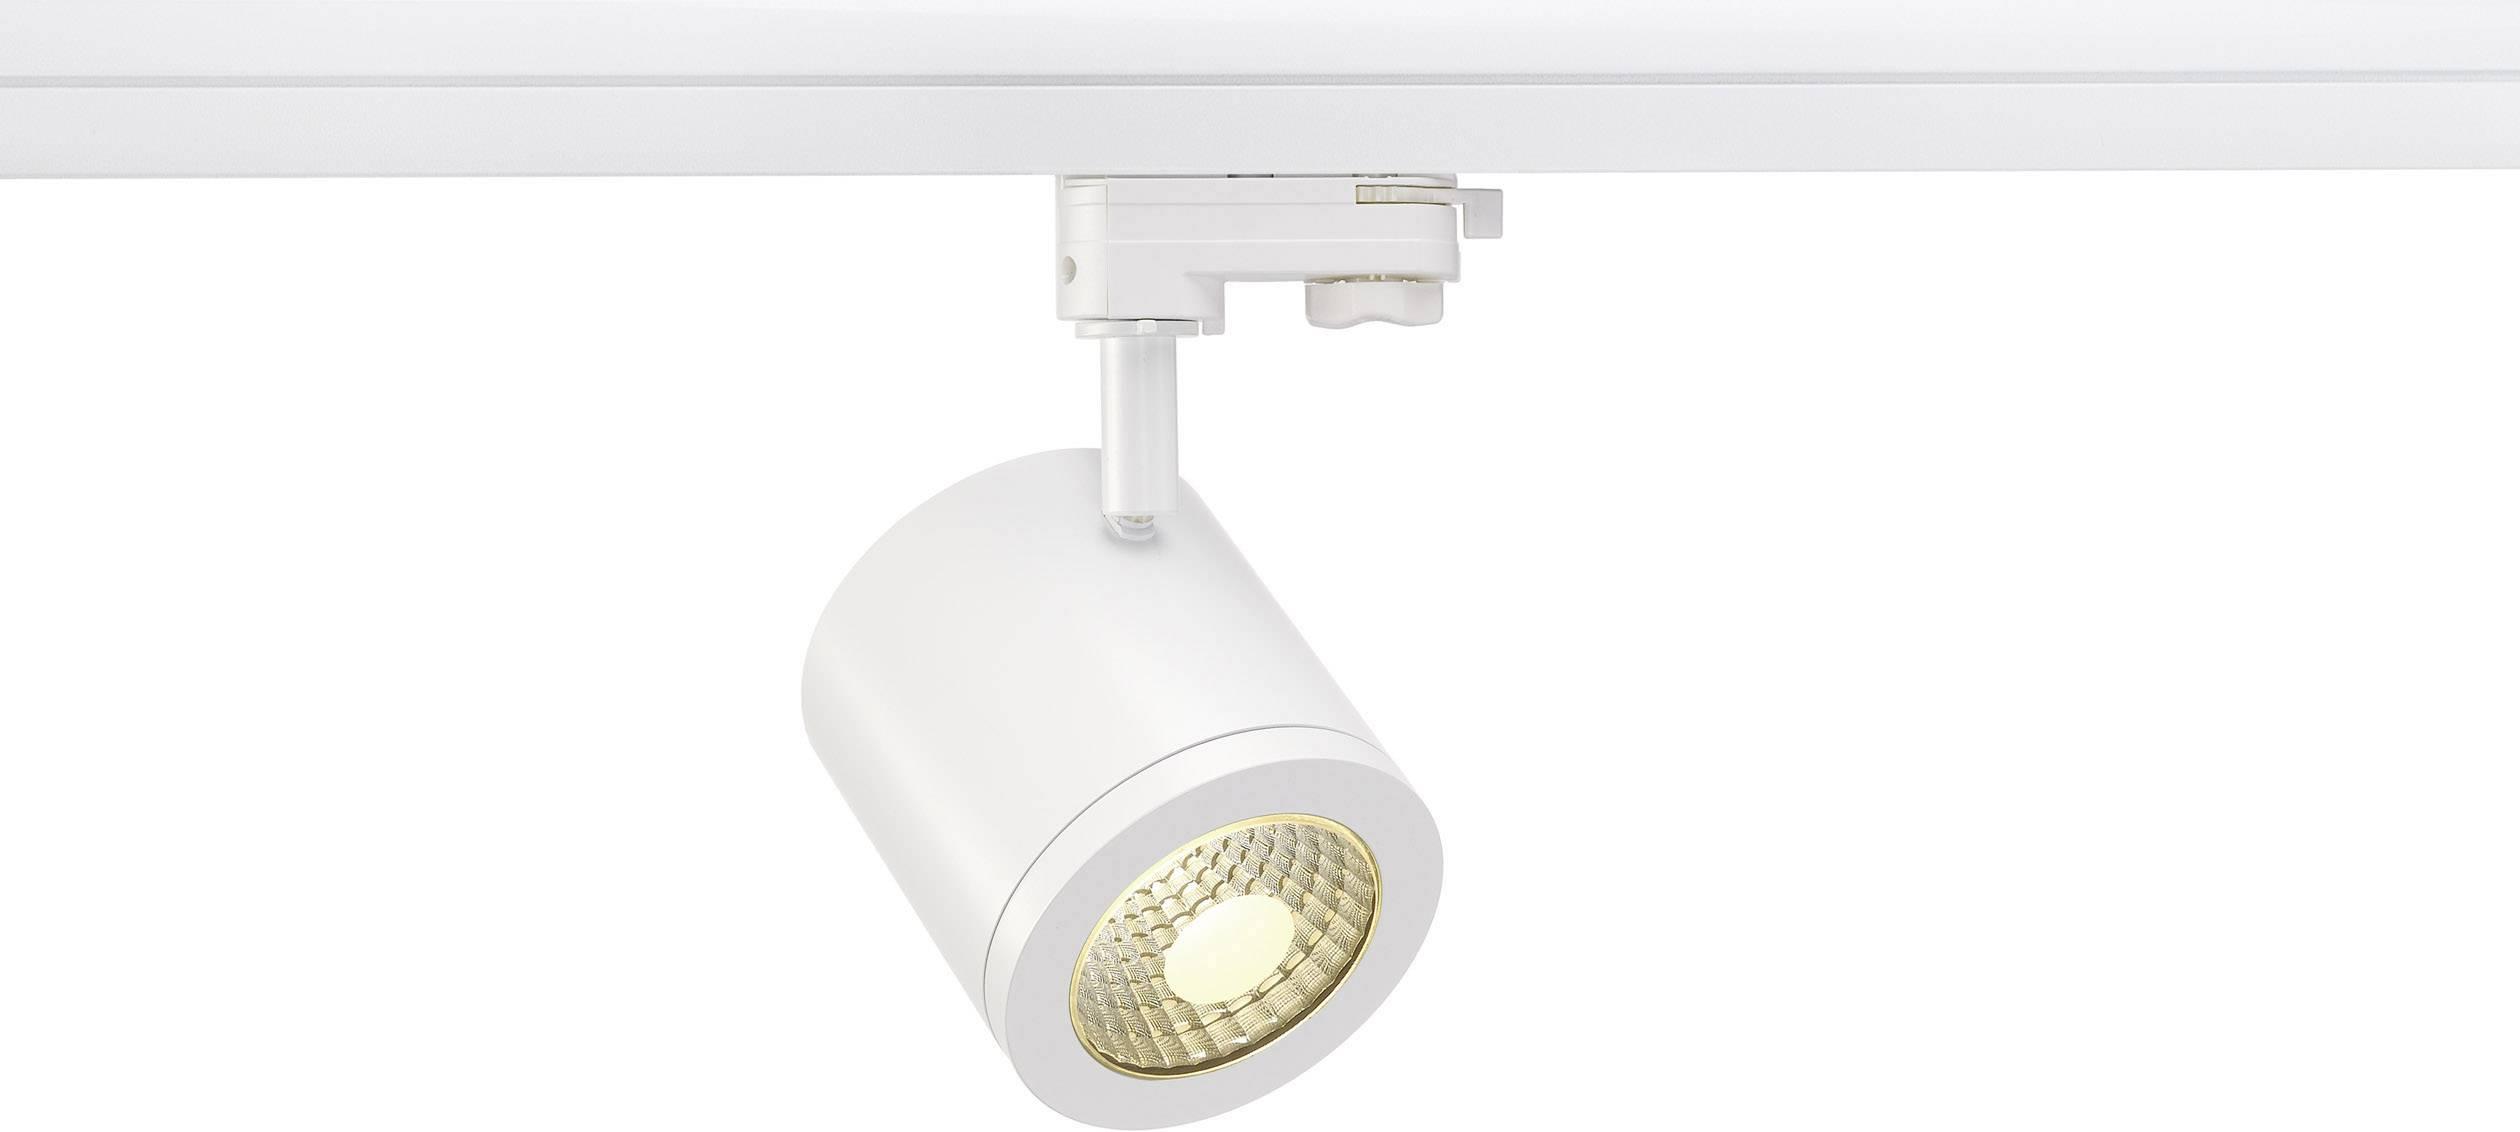 Svítidla do lištových systémů (230 V) SLV Enola 152421, 9 W, bílá